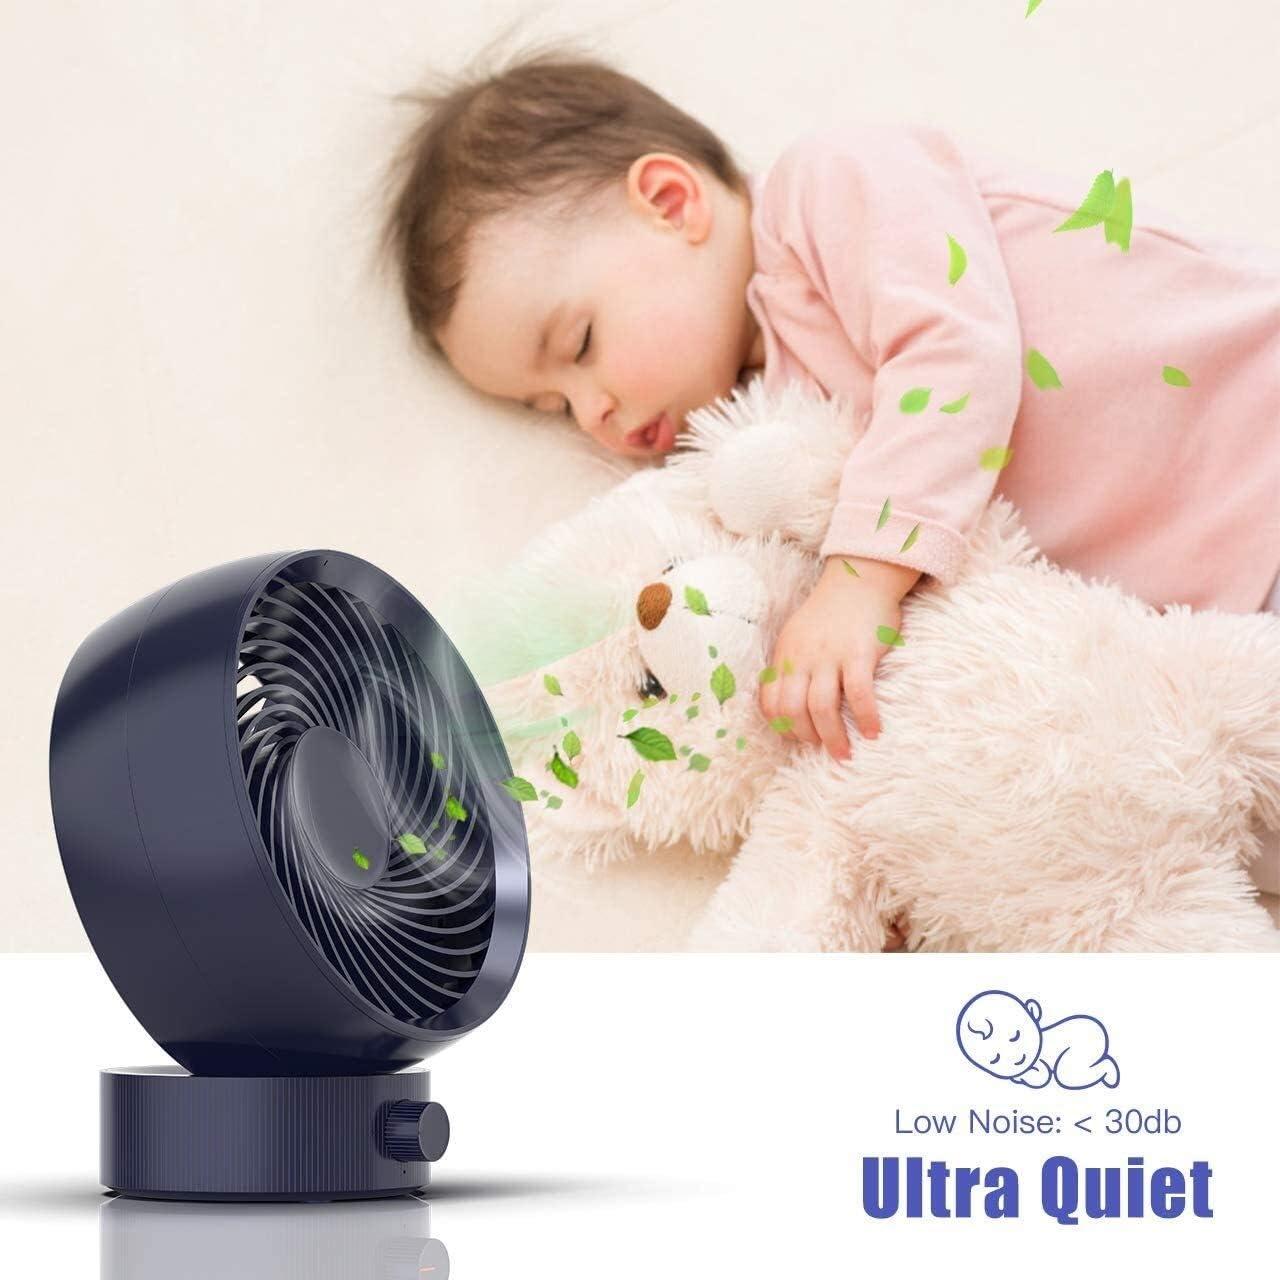 Bedroom. Home Vwcoik USB Fan Mini USB Fan Desk Fan Desk Fan Quiet Home Office andthe Quiet Ideal for Office Travel